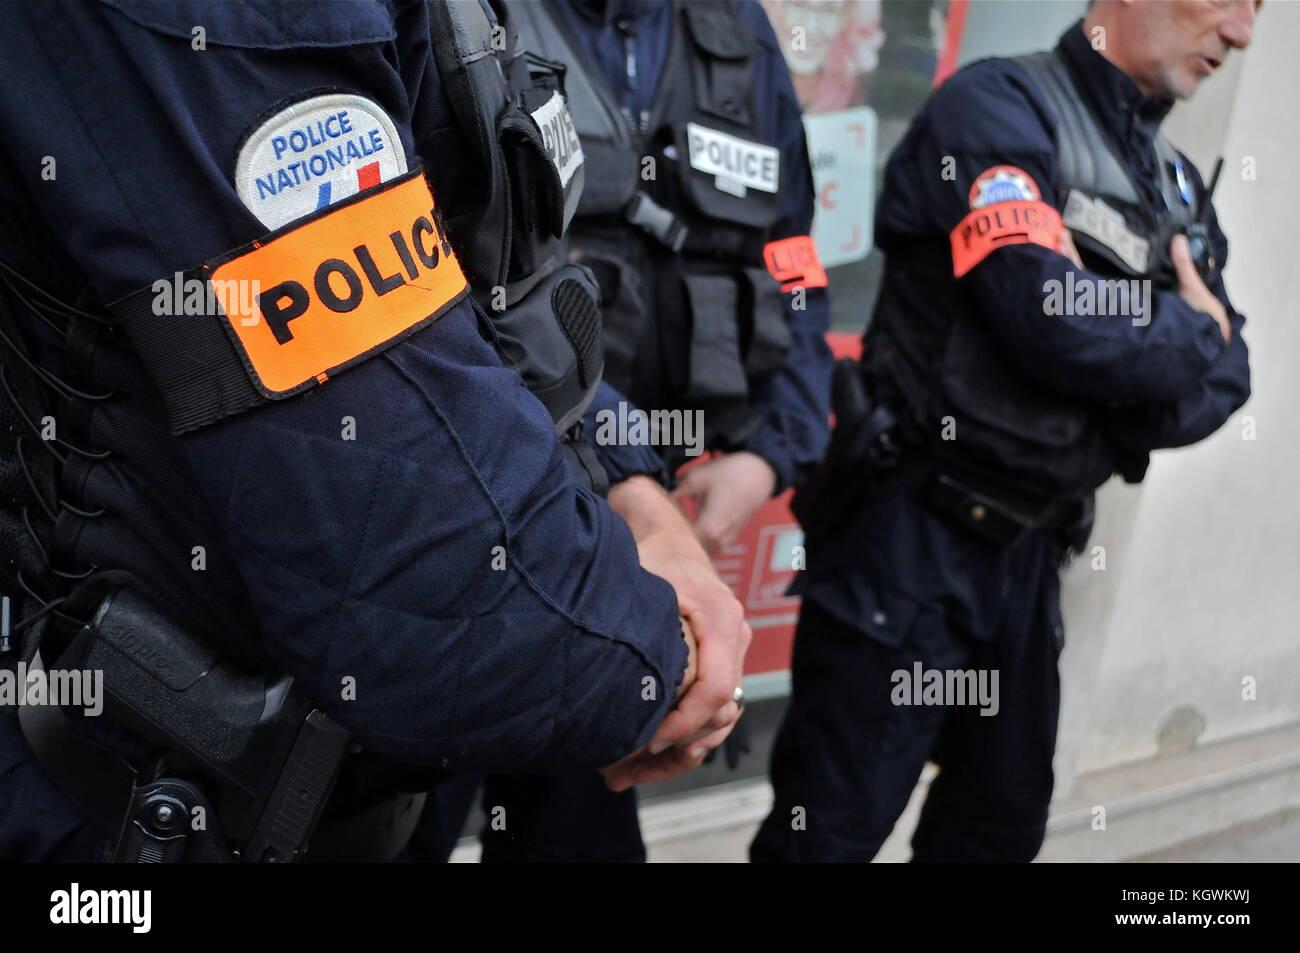 Michel delpuech, prefetto del Rodano, paga visita ai funzionari di polizia impegnato in euro 2016 fanzone sicurezza Immagini Stock